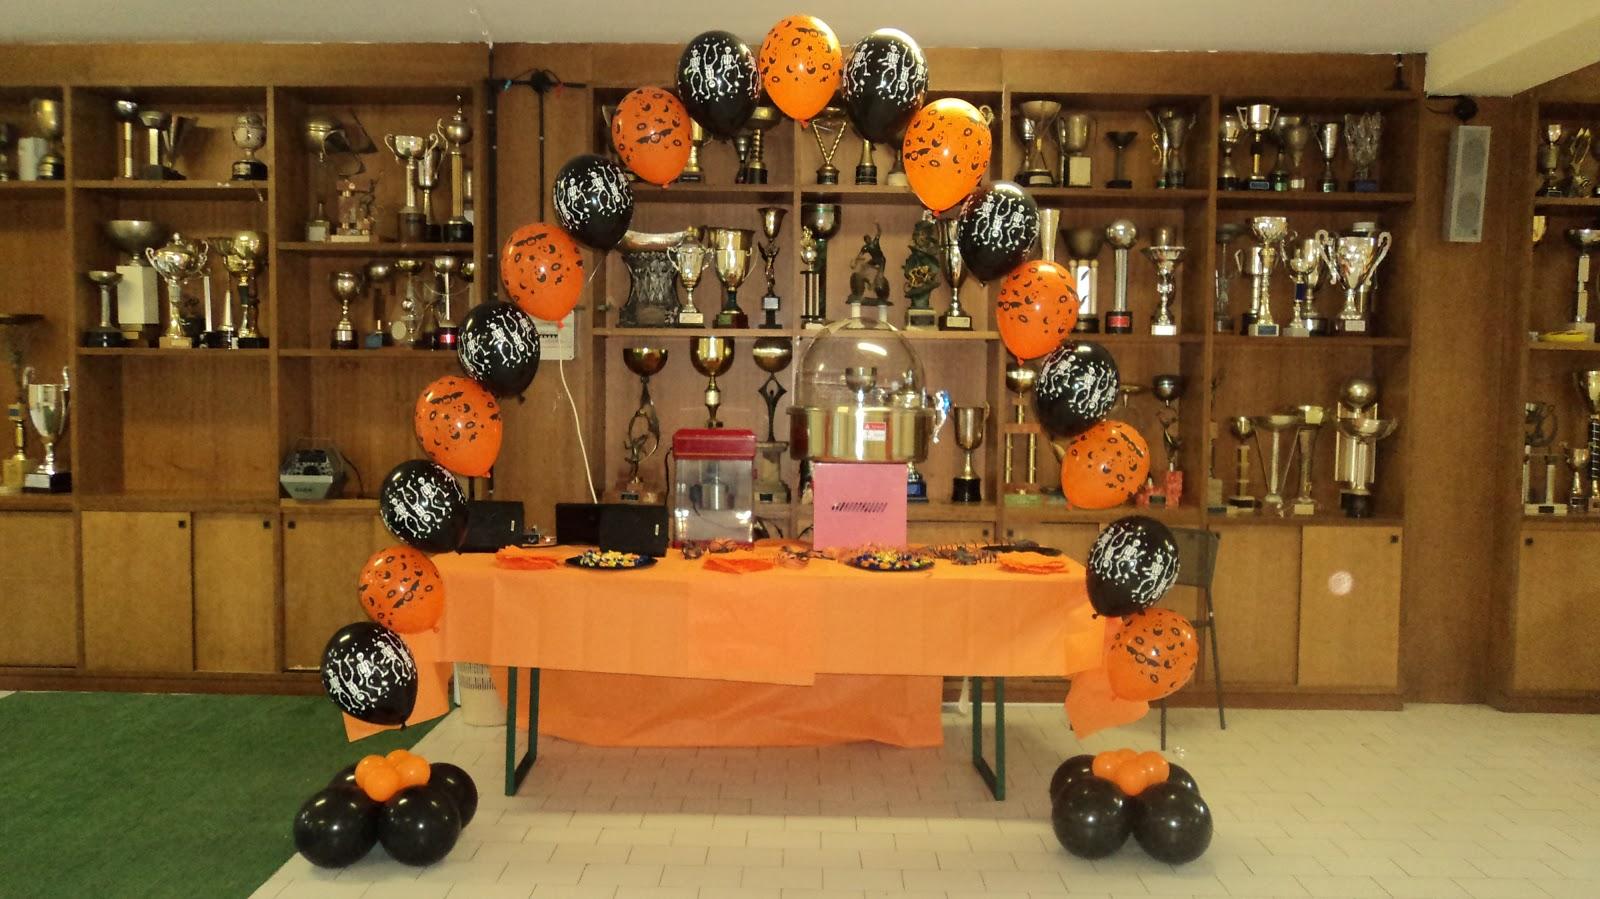 Gonfiabiliserena decorazioni halloween - Halloween decorazioni ...